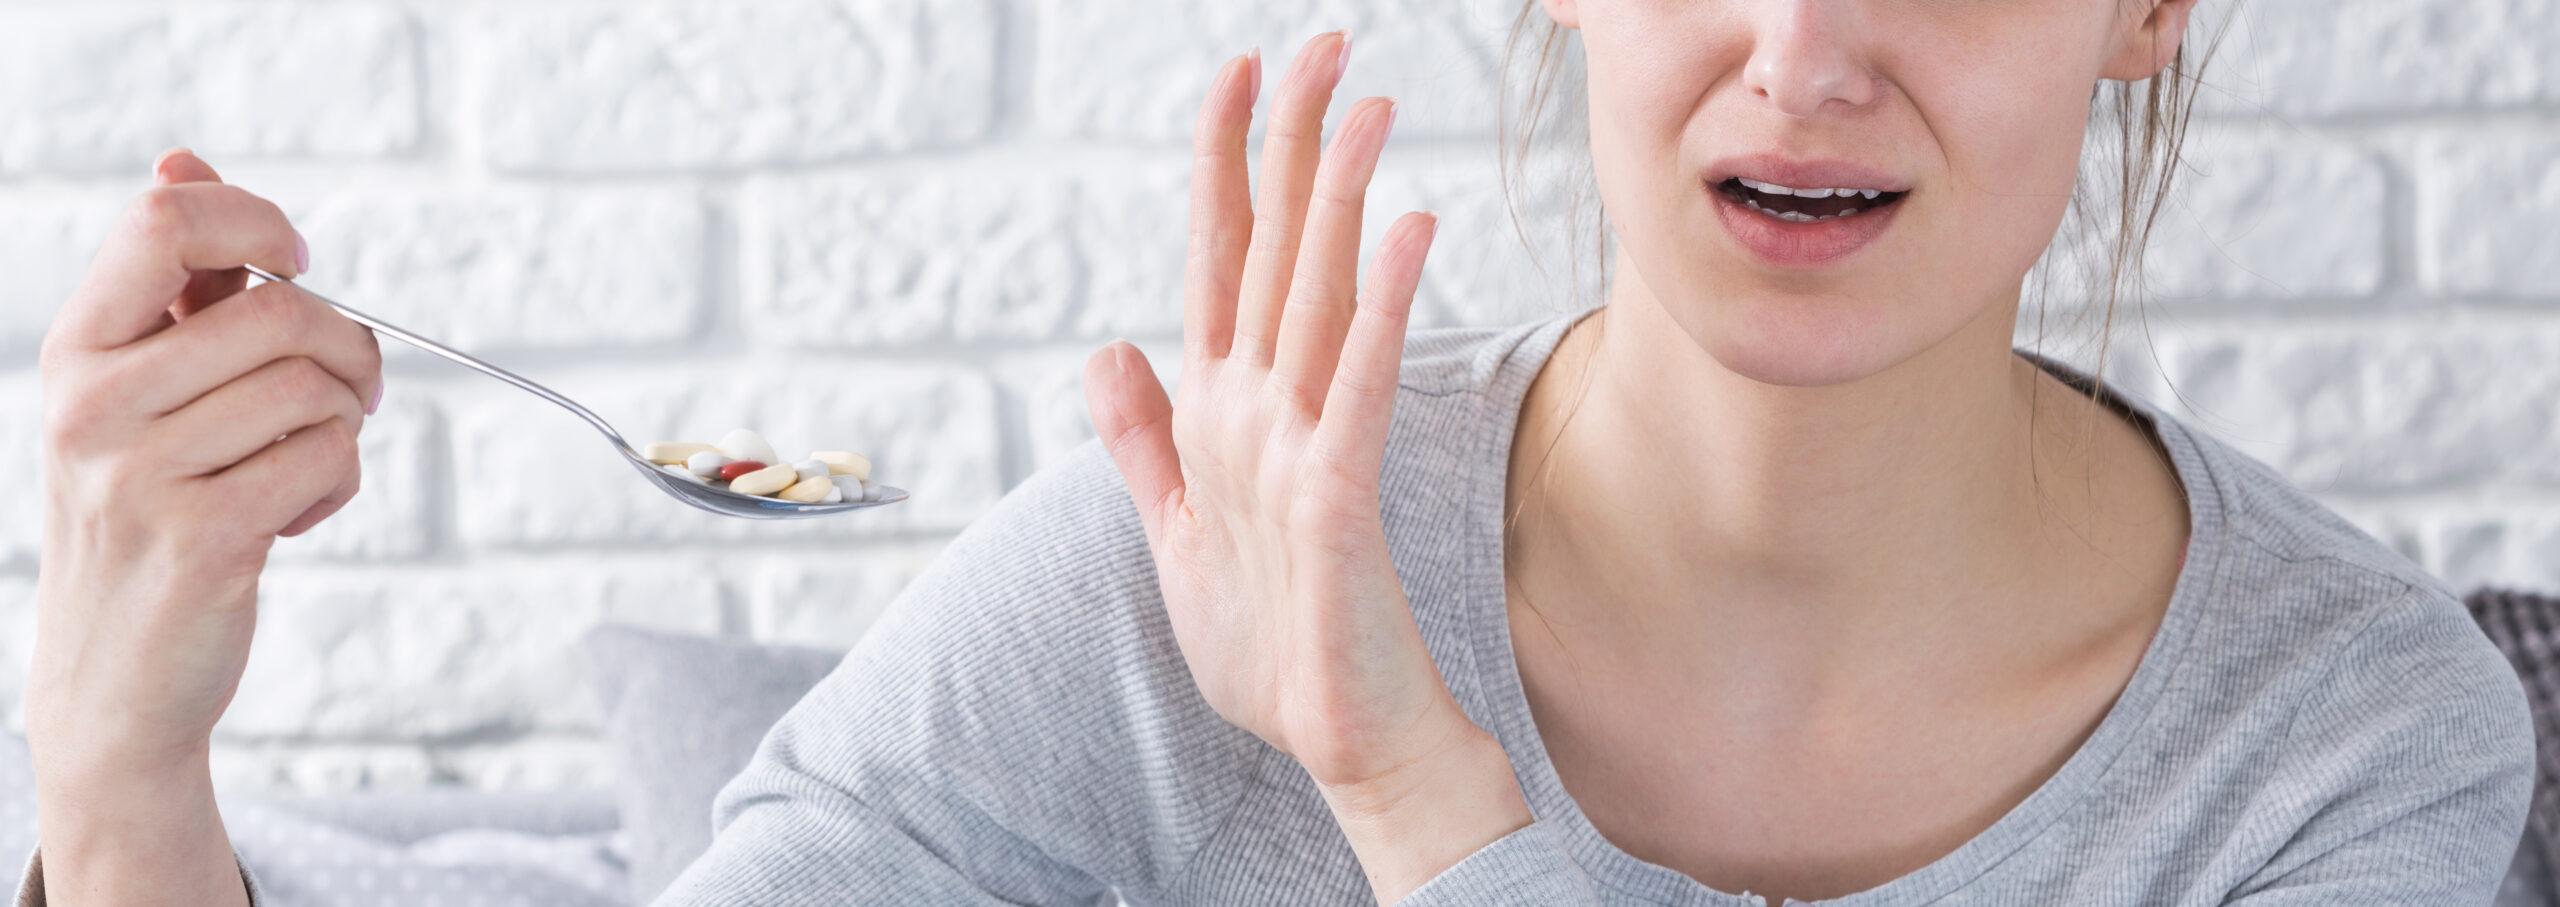 Vrouw trekt vies gezicht en weigert pillen op lepel in te nemen